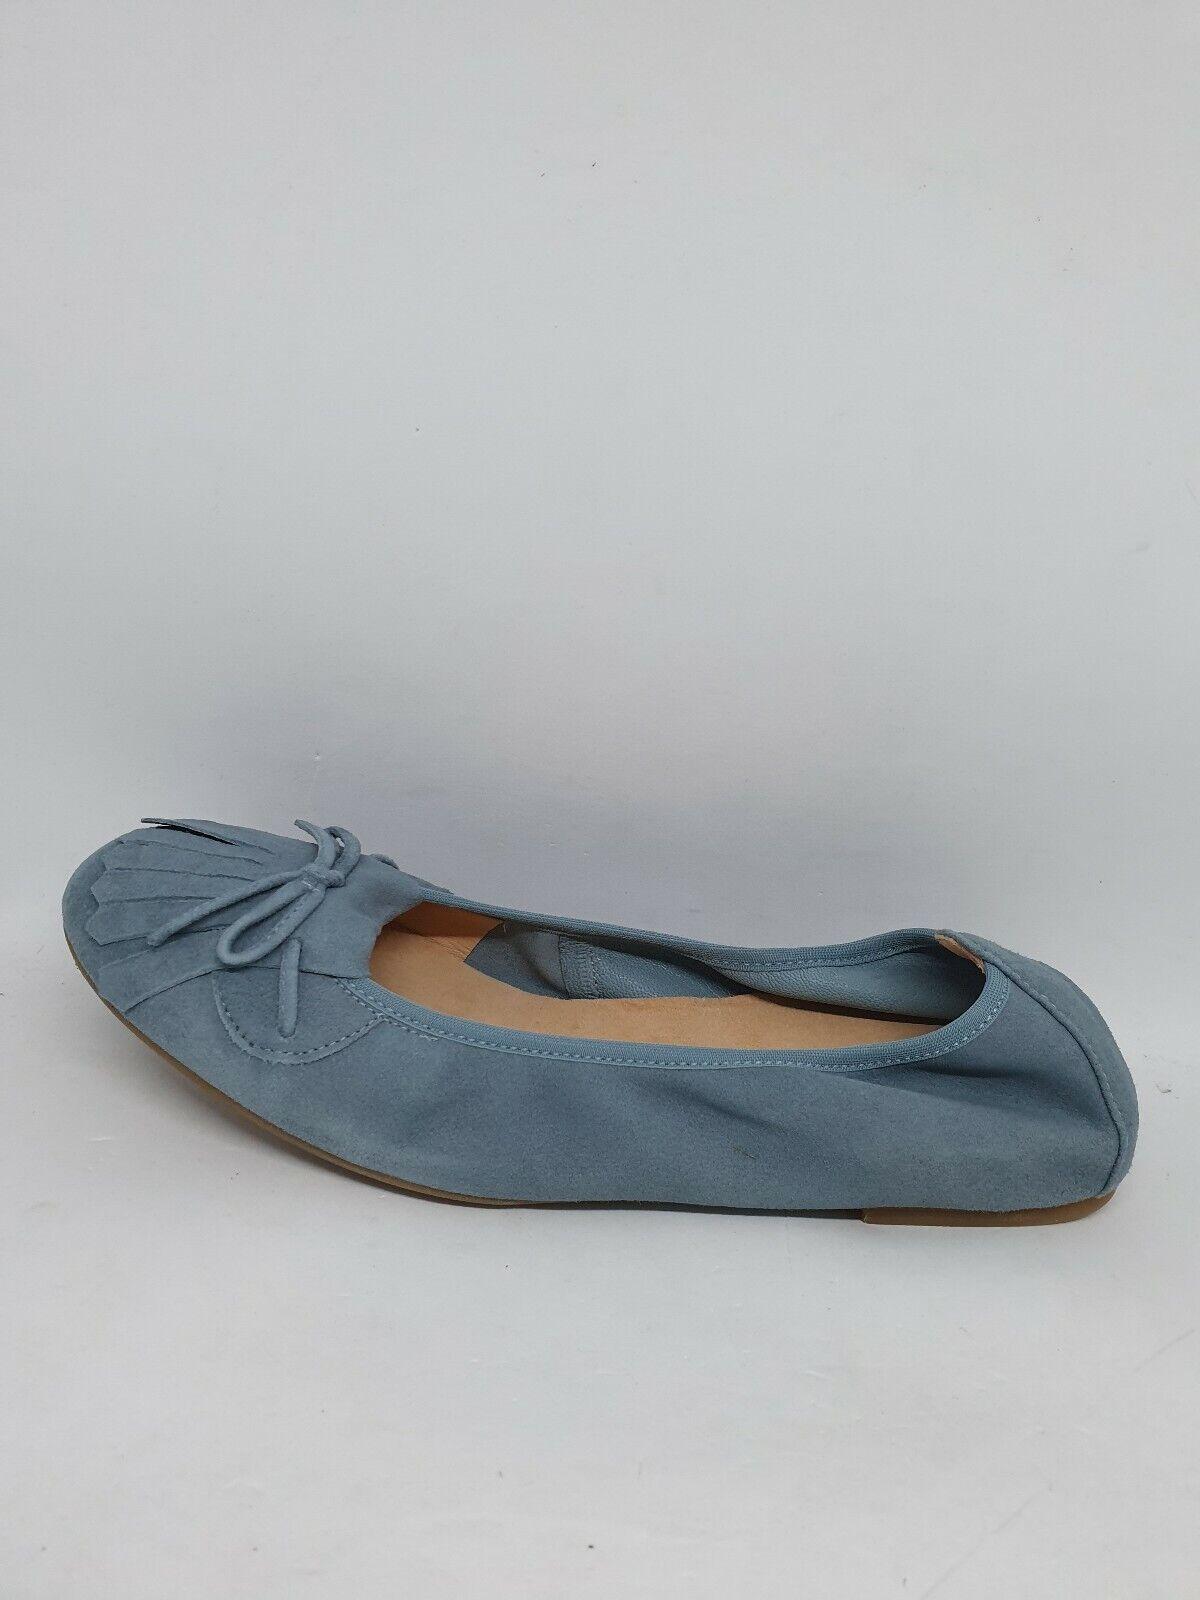 UNISA Damen Ballerina Blau Mod. Ayele Leder Gr.38 Neu